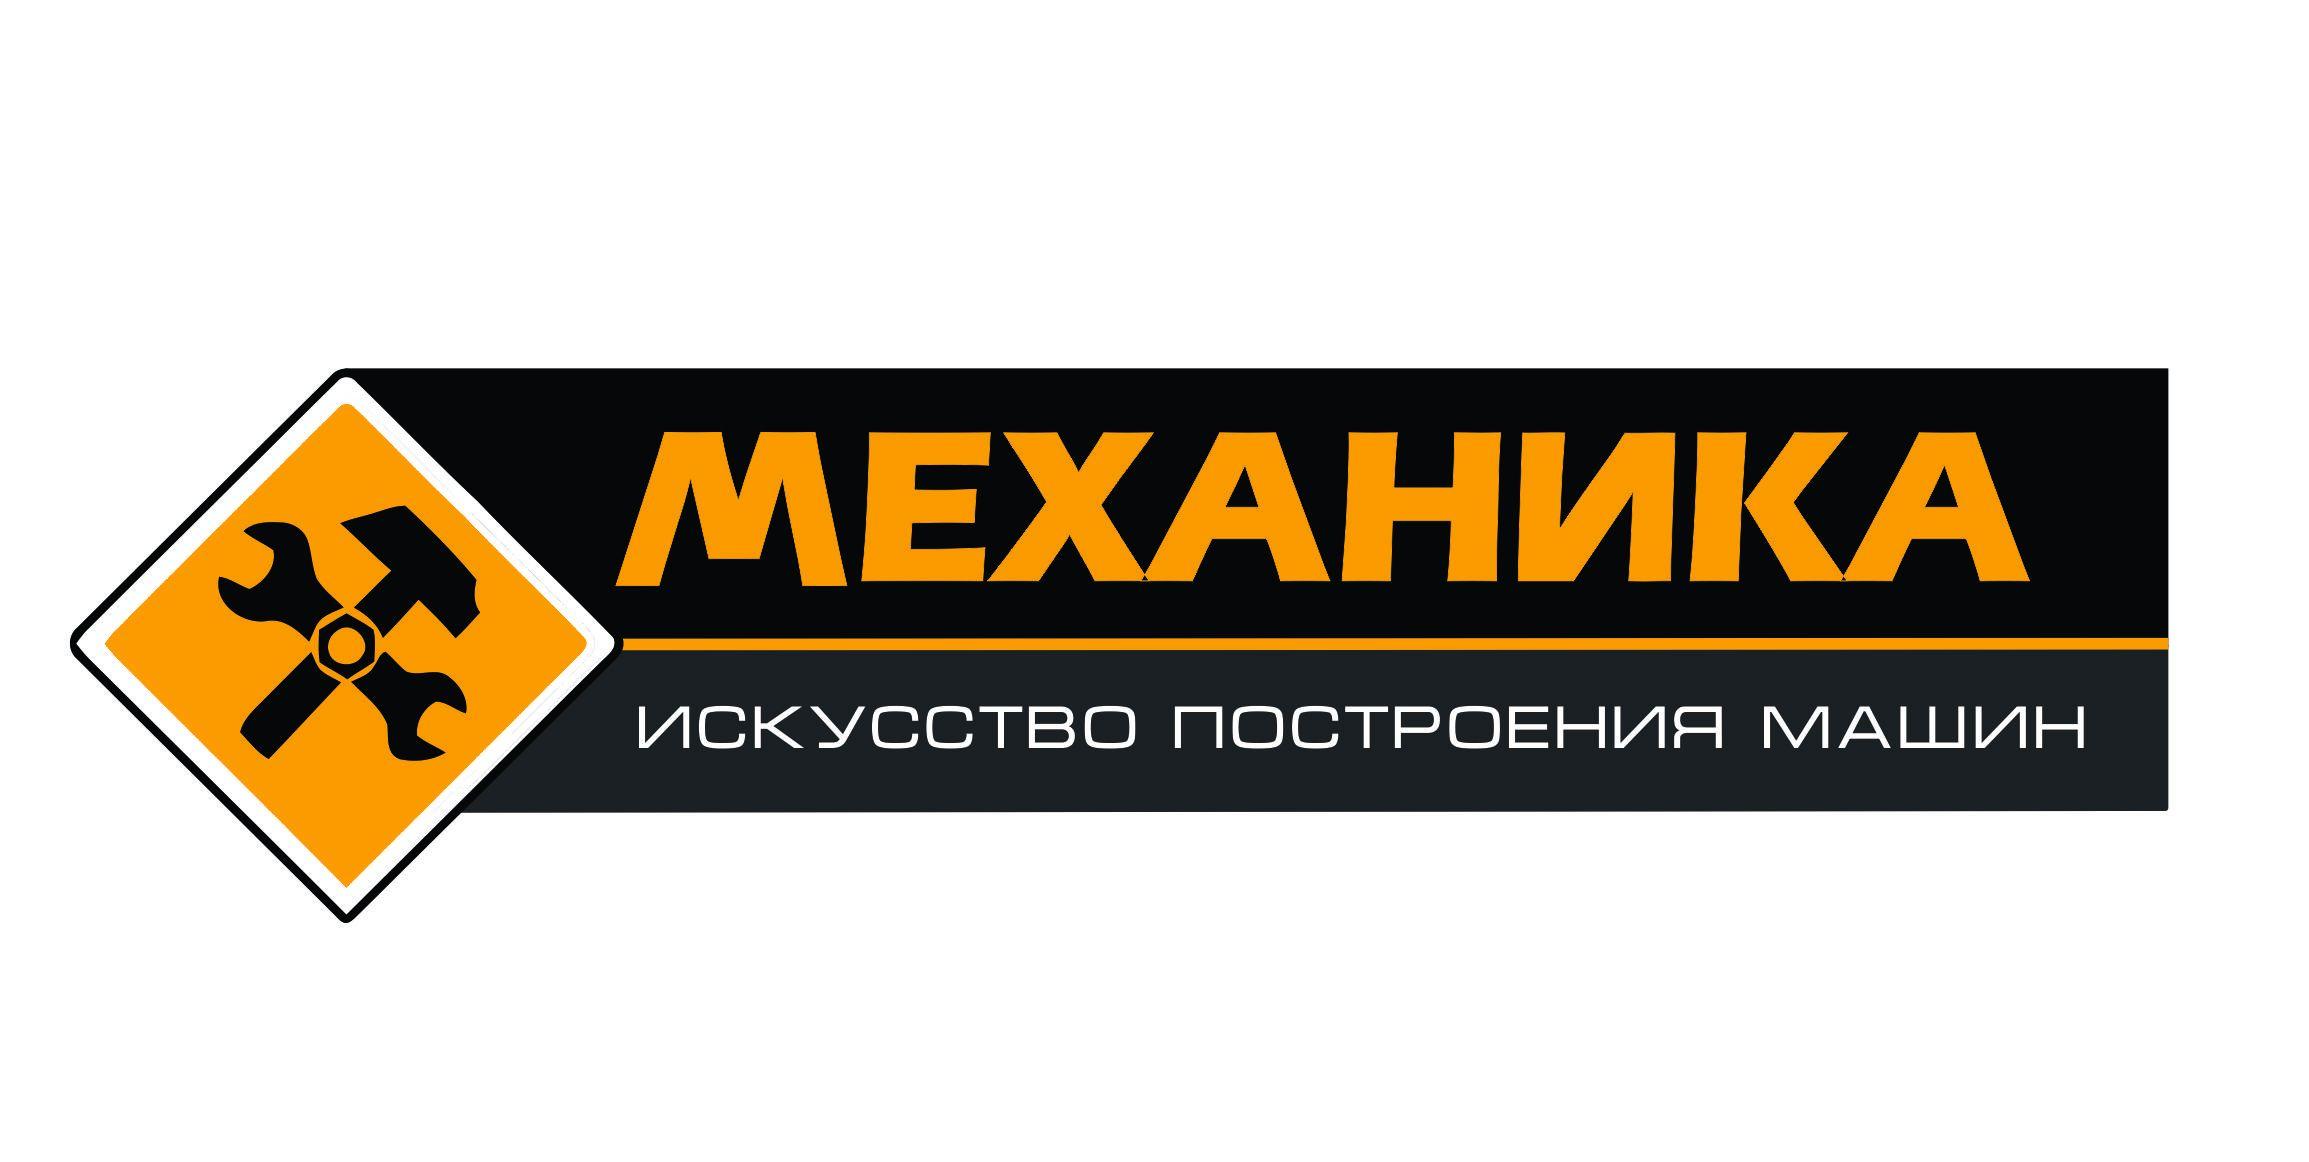 Логотип для магазина автозапчасти 'Механика' - дизайнер niko93